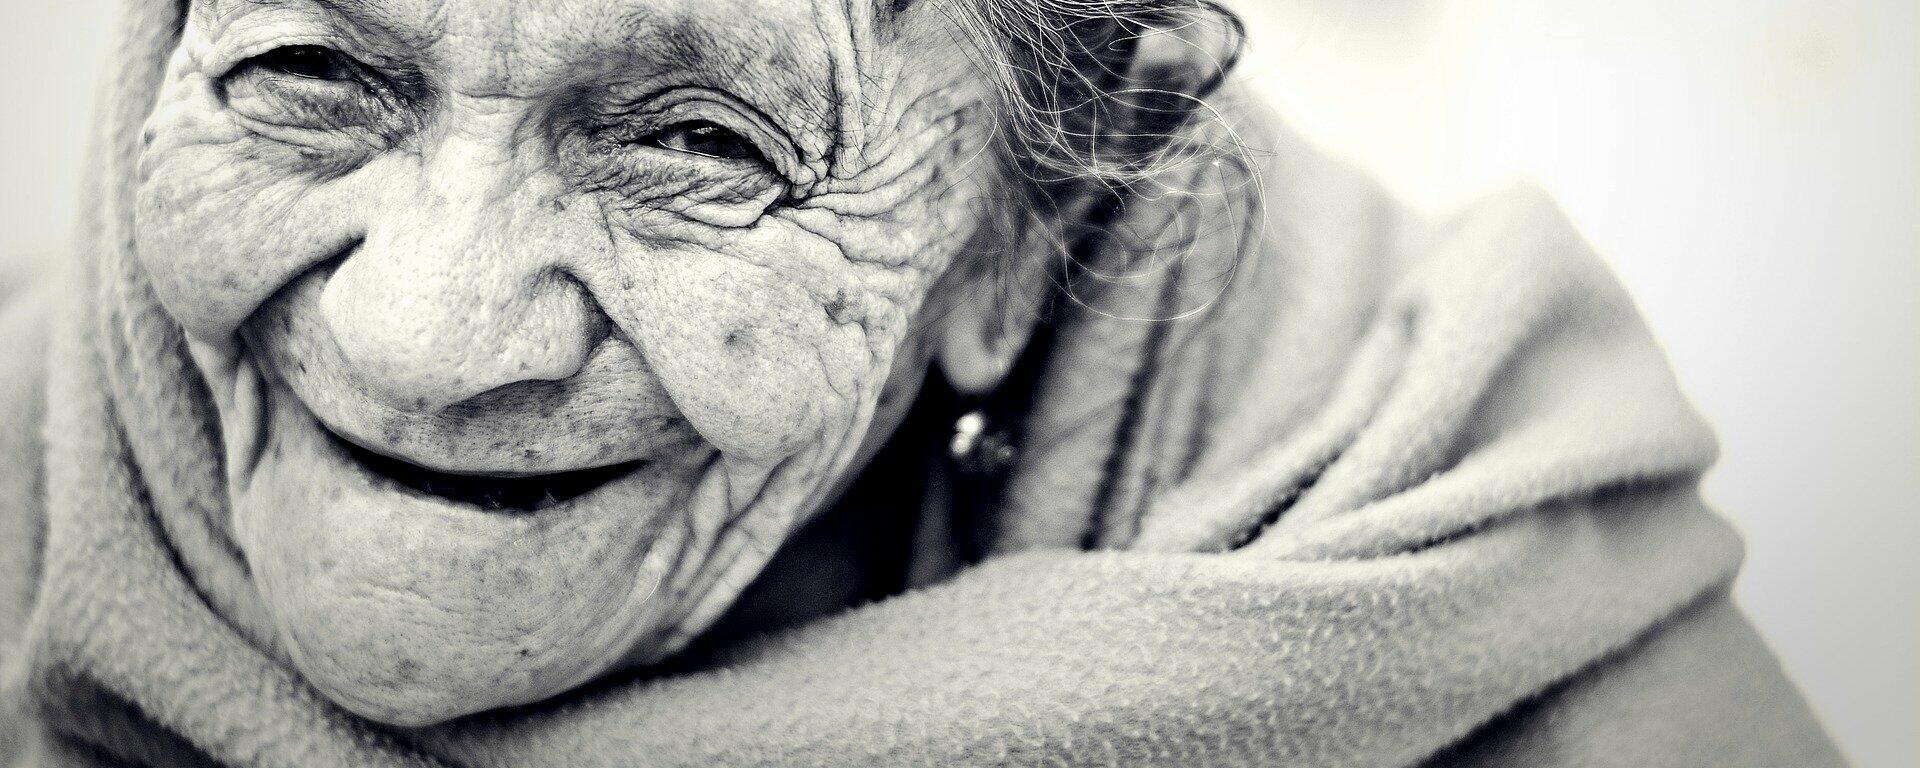 Una anciana sonríe - Sputnik Mundo, 1920, 20.02.2021